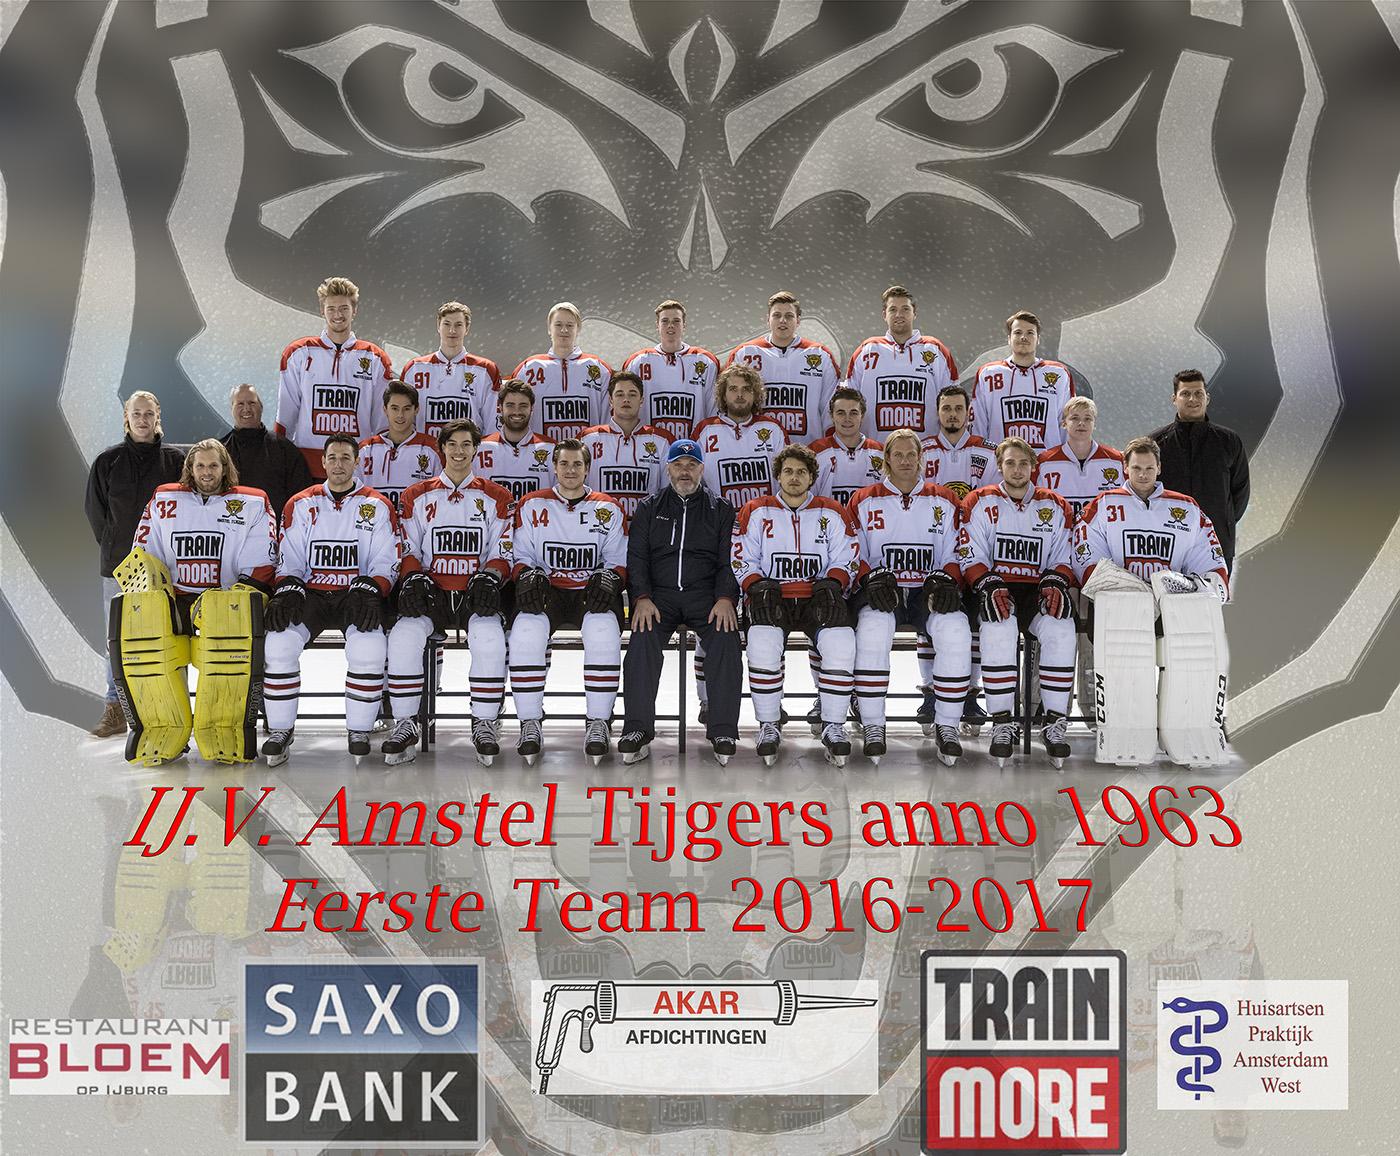 eersteteam2016-2017